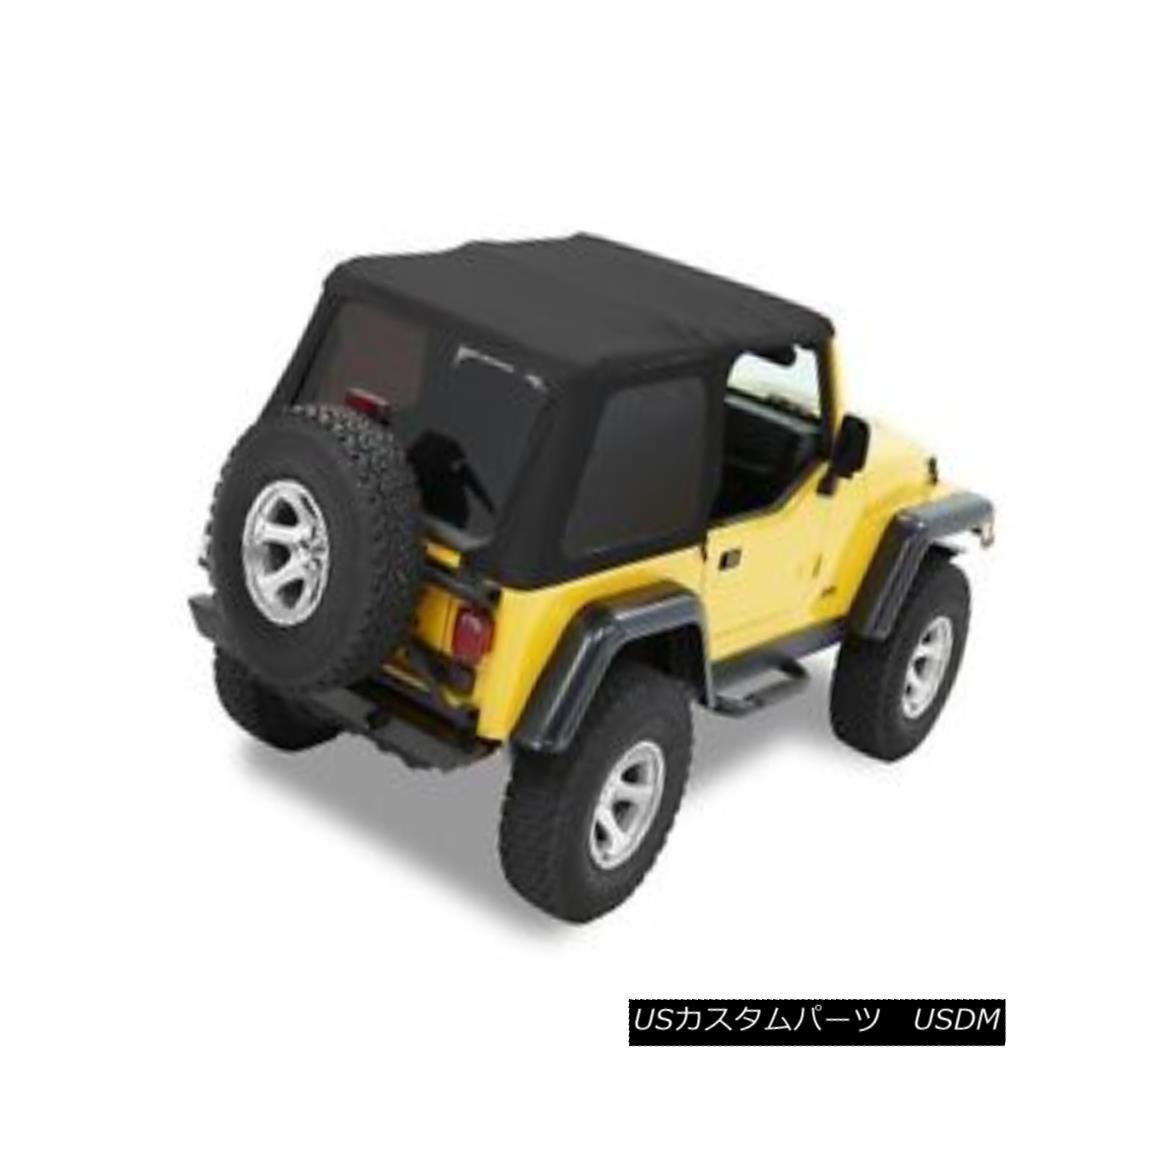 幌・ソフトトップ Bestop Trektop NX Complete Soft Top For Jeep Wrangler TJ Models #56820-35 Bestop Trektop NX CompleteソフトトップジープラングラーTJモデル#56820-35